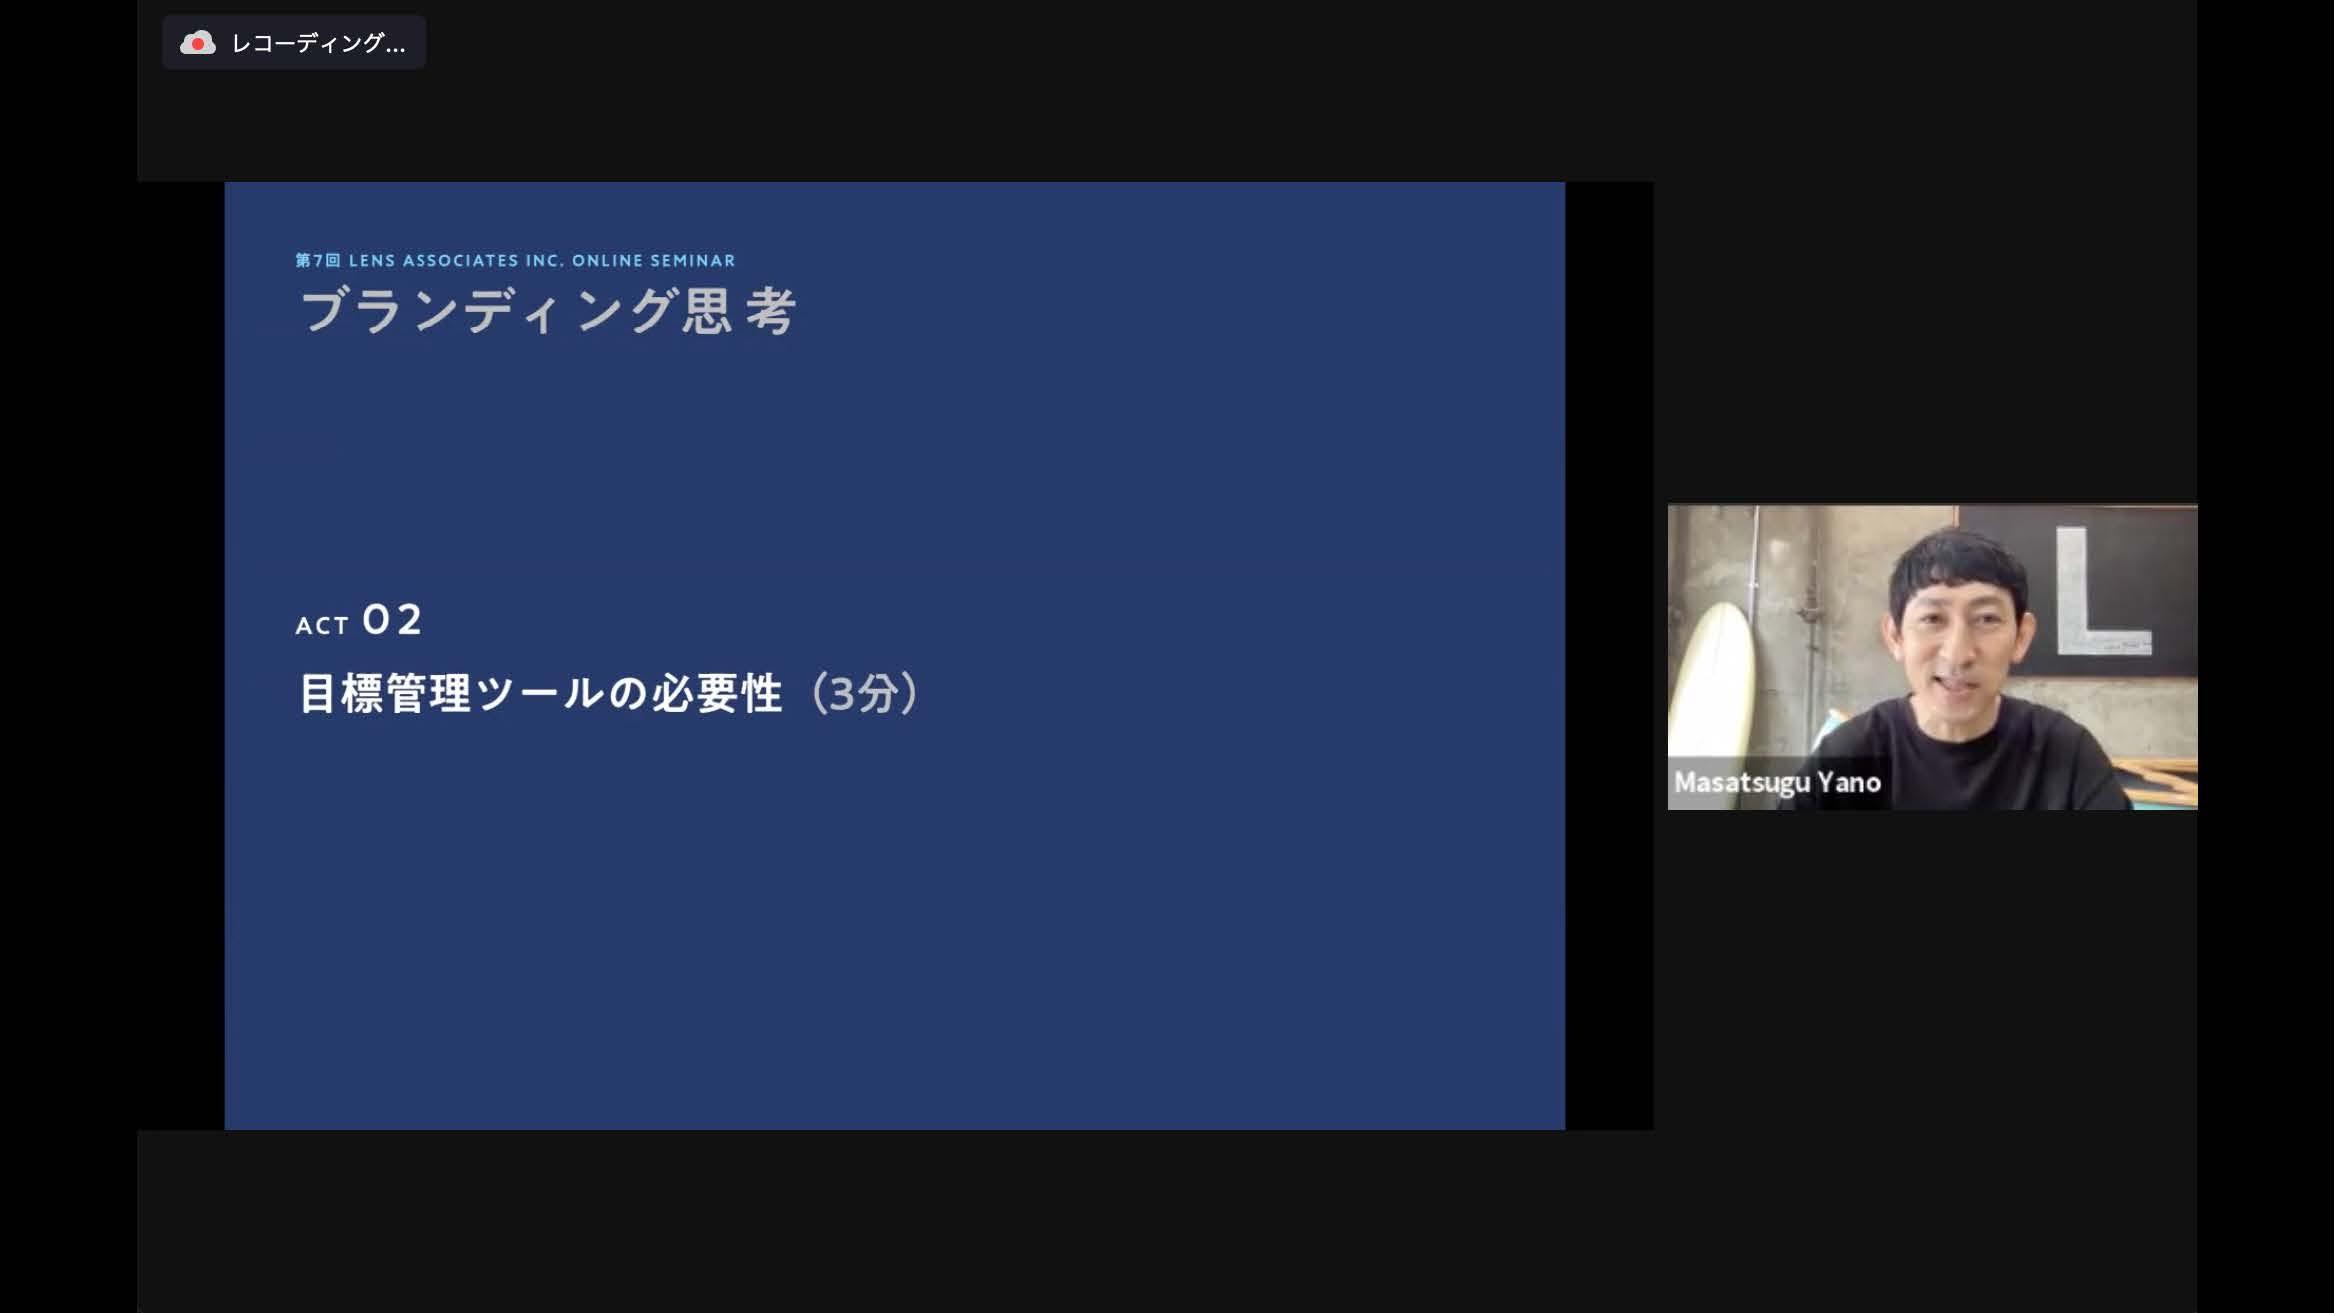 名古屋 ブランディング レンズアソシエイツ オンラインセミナー ブランディング思考 インターナルブランディング OKR 目標管理ツール セミナー ウェビナー